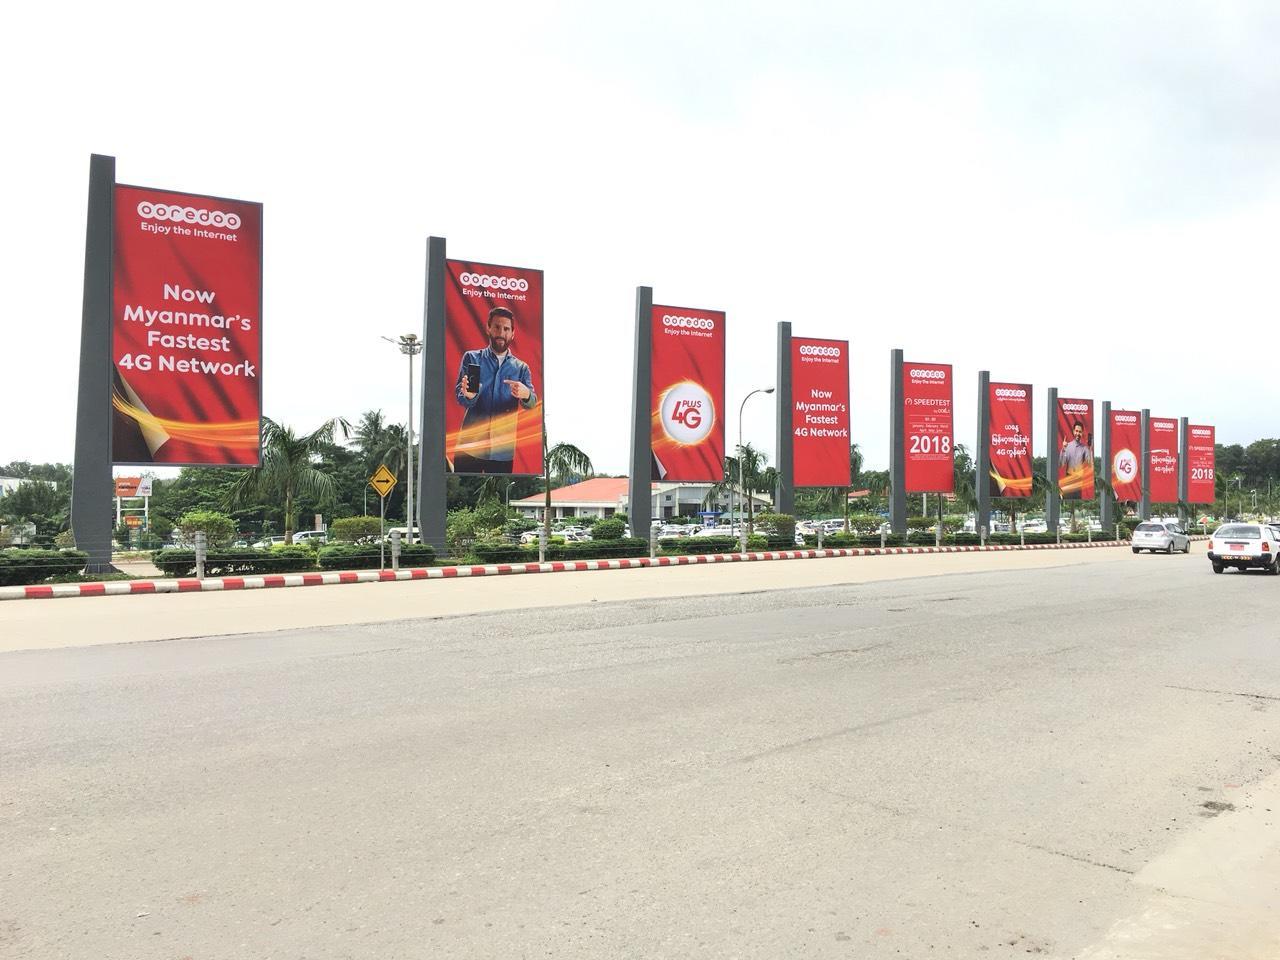 3x6m backlit billboard